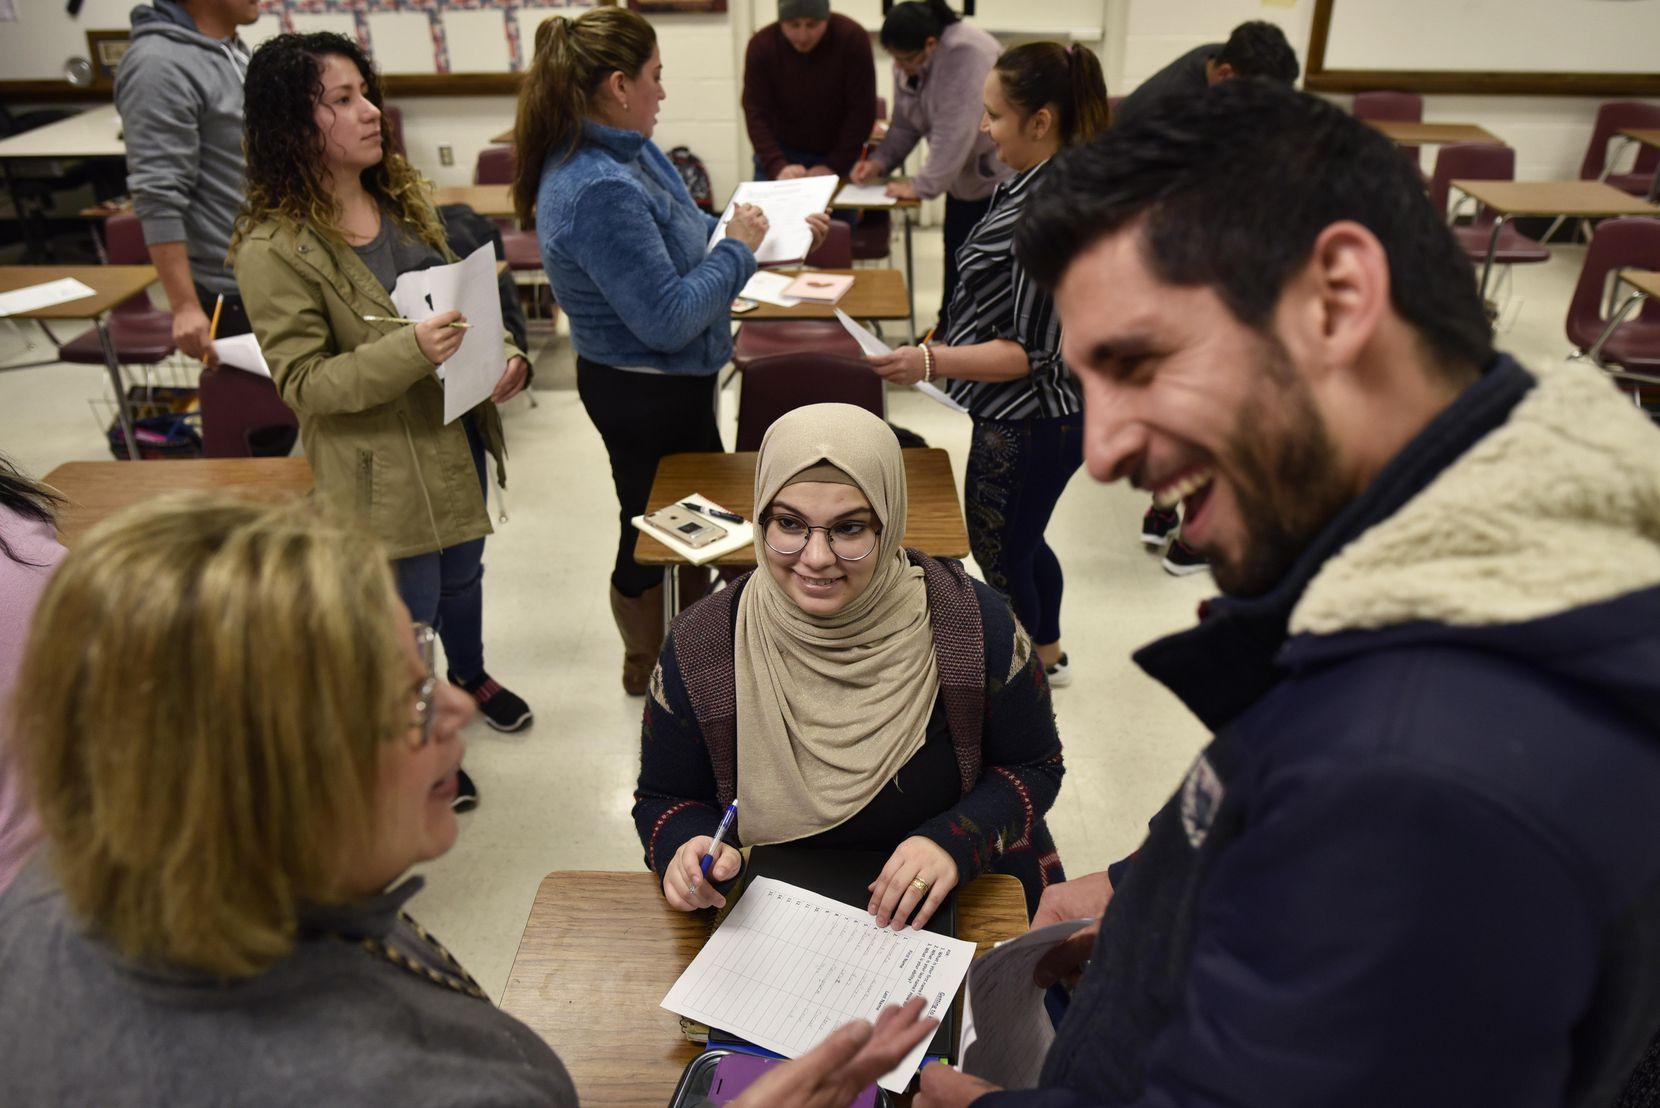 Ala Hamed (centro.) y Juan Pérez trabajan un ejerciciocon la maestra Alicia Benavidez, durante una clase de inglés en la secundaria Austin, en Irving. BEN TORRES/ESPECIAL PARA AL DÍA